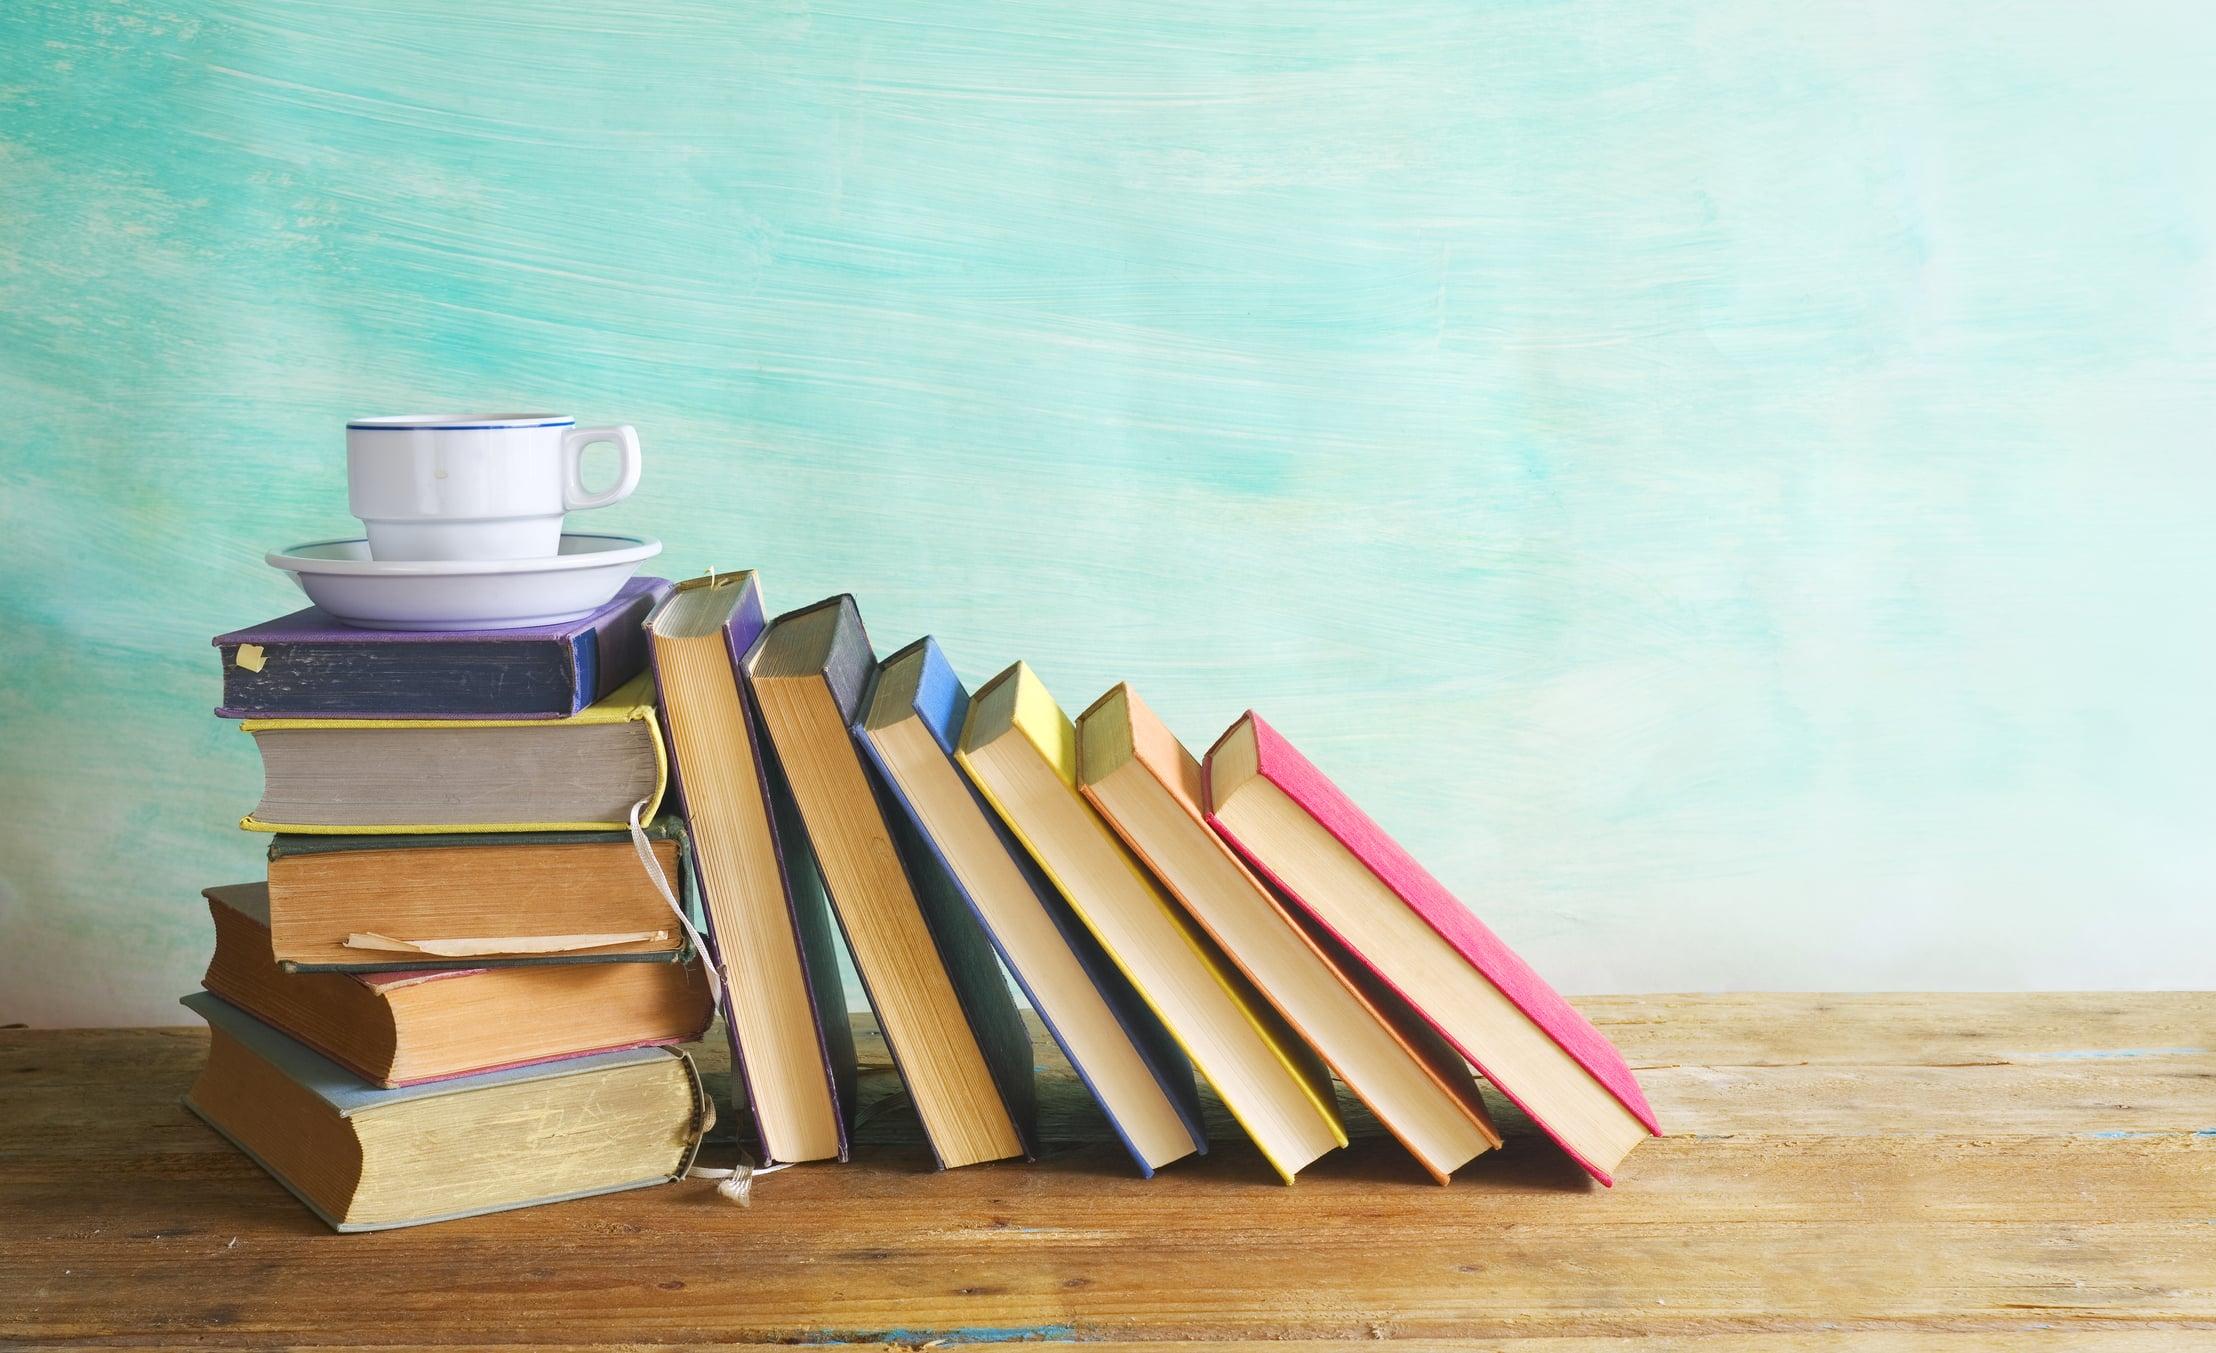 أفضل الكتب التي ننصحك بقراءتها